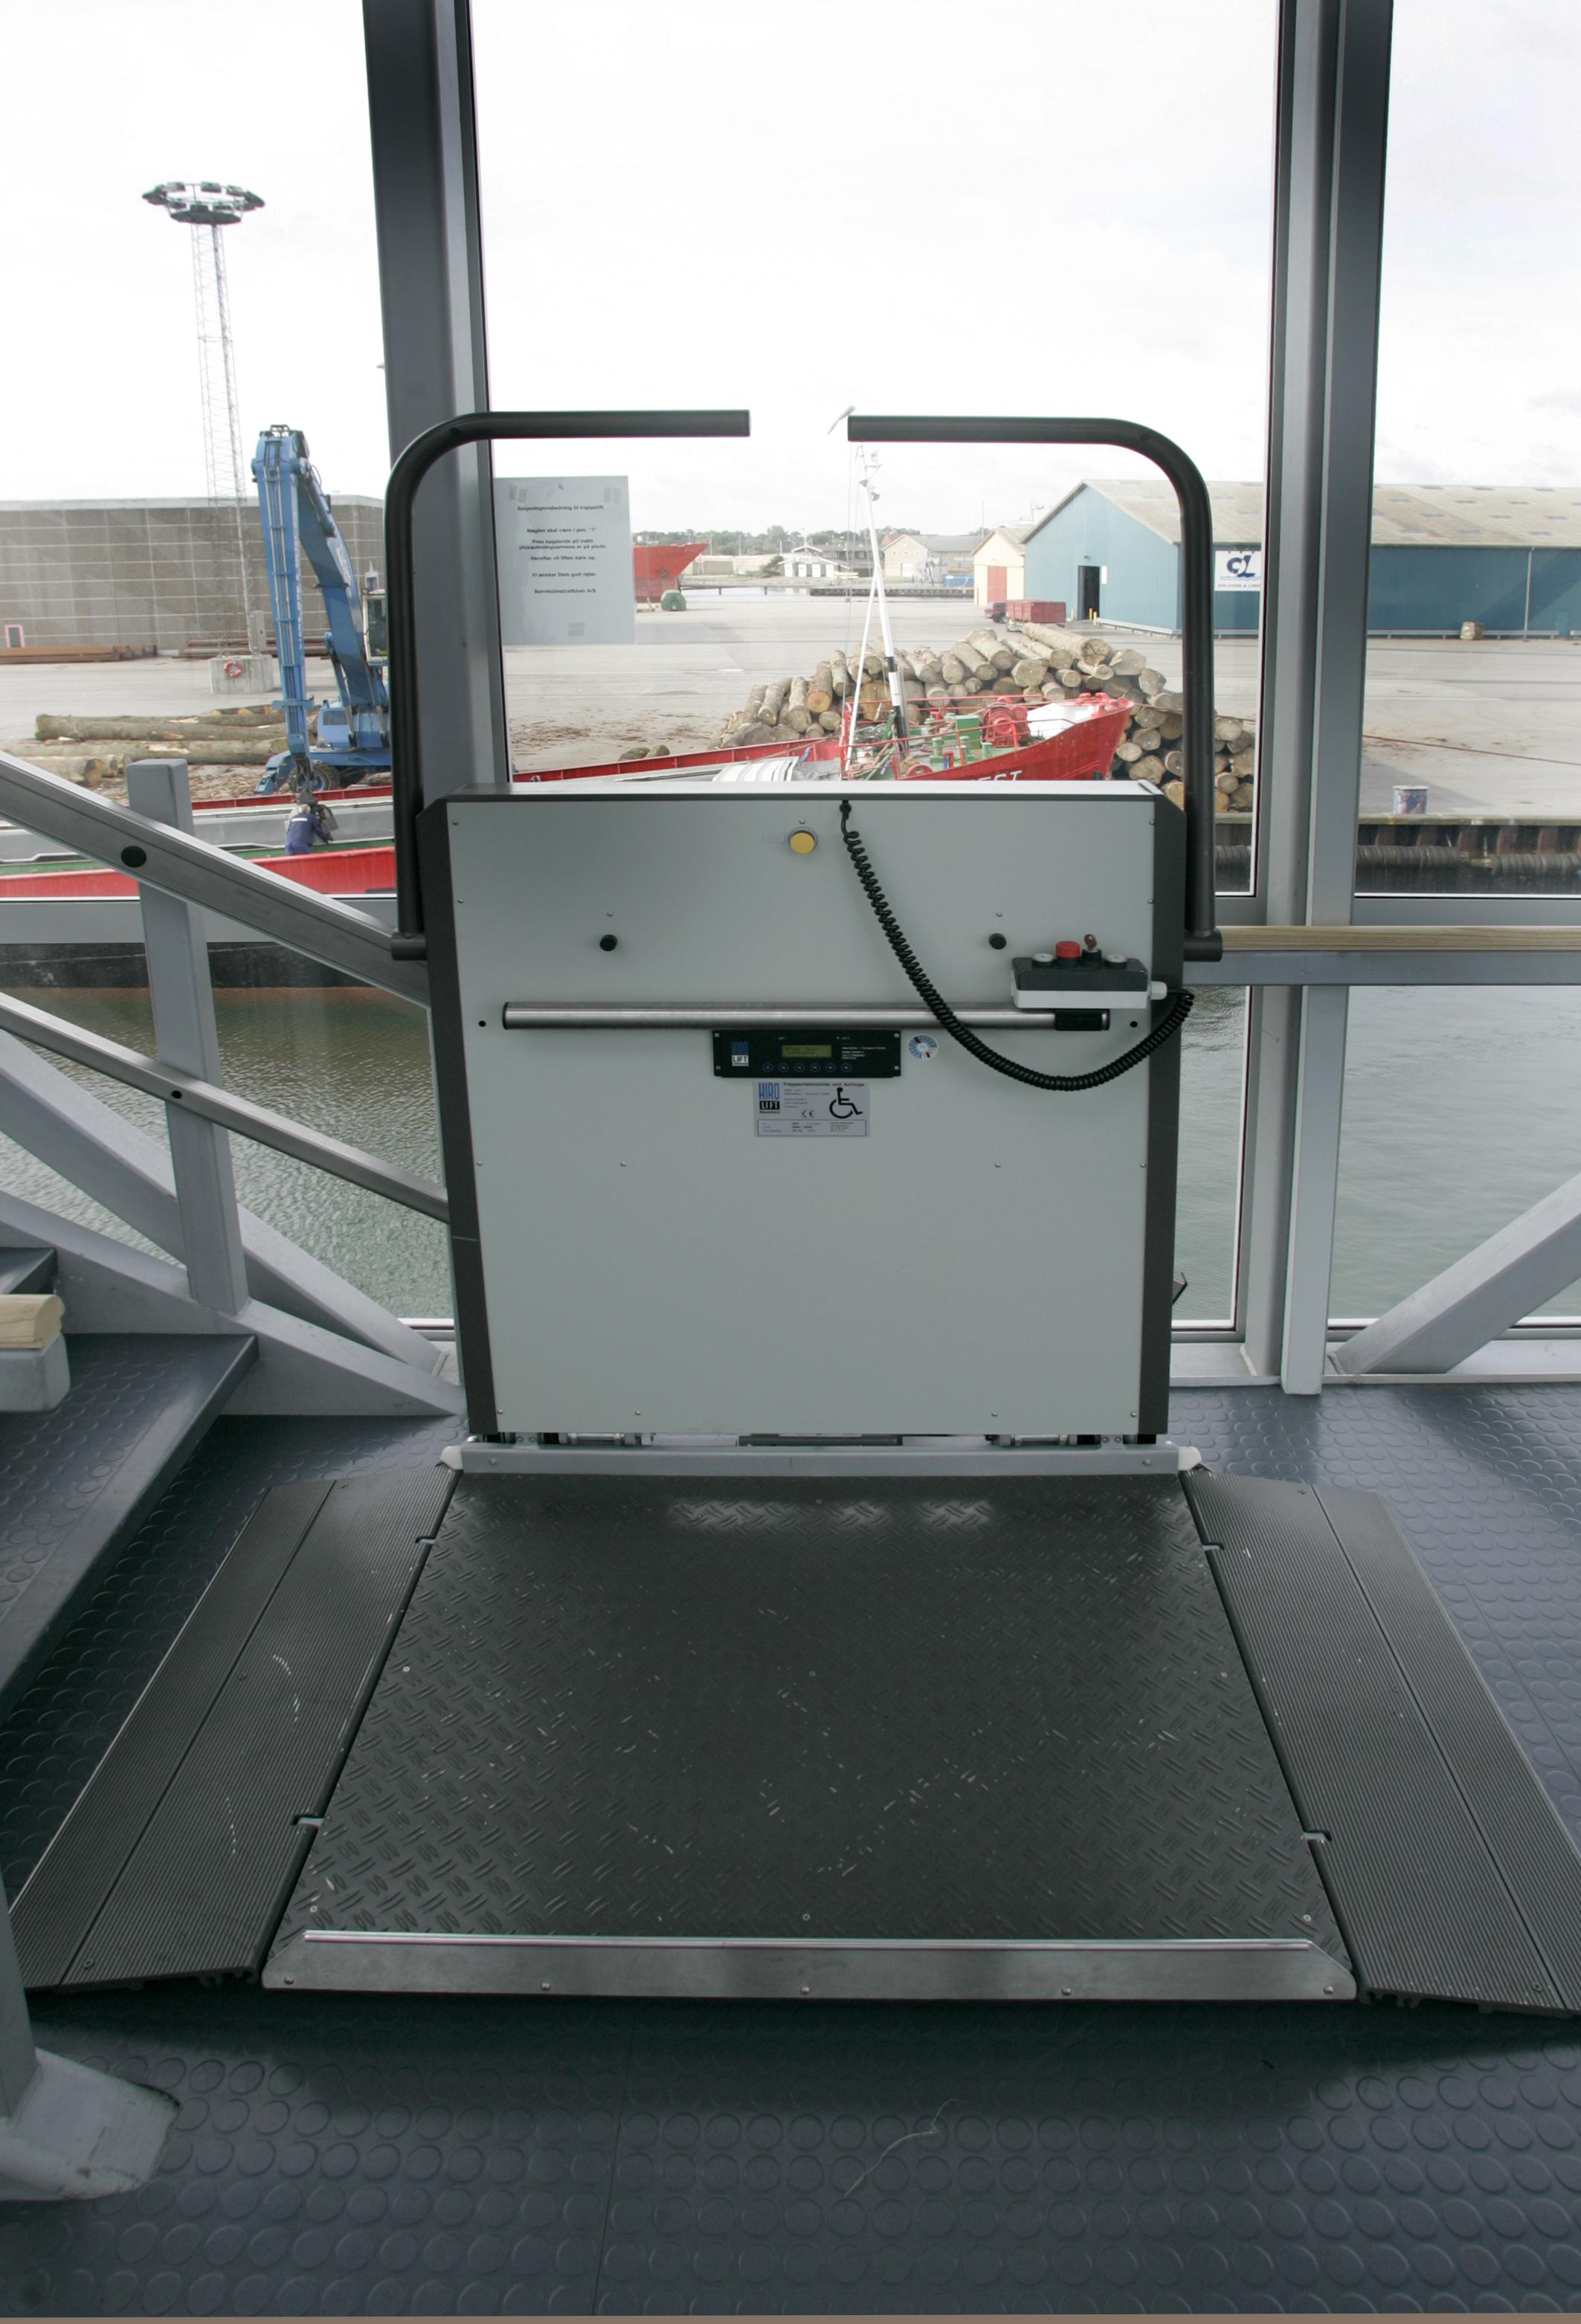 Platforma inclinata pentru persoane cu dizabilitati HIRO 350 - 2 HIRO LIFT - Poza 2